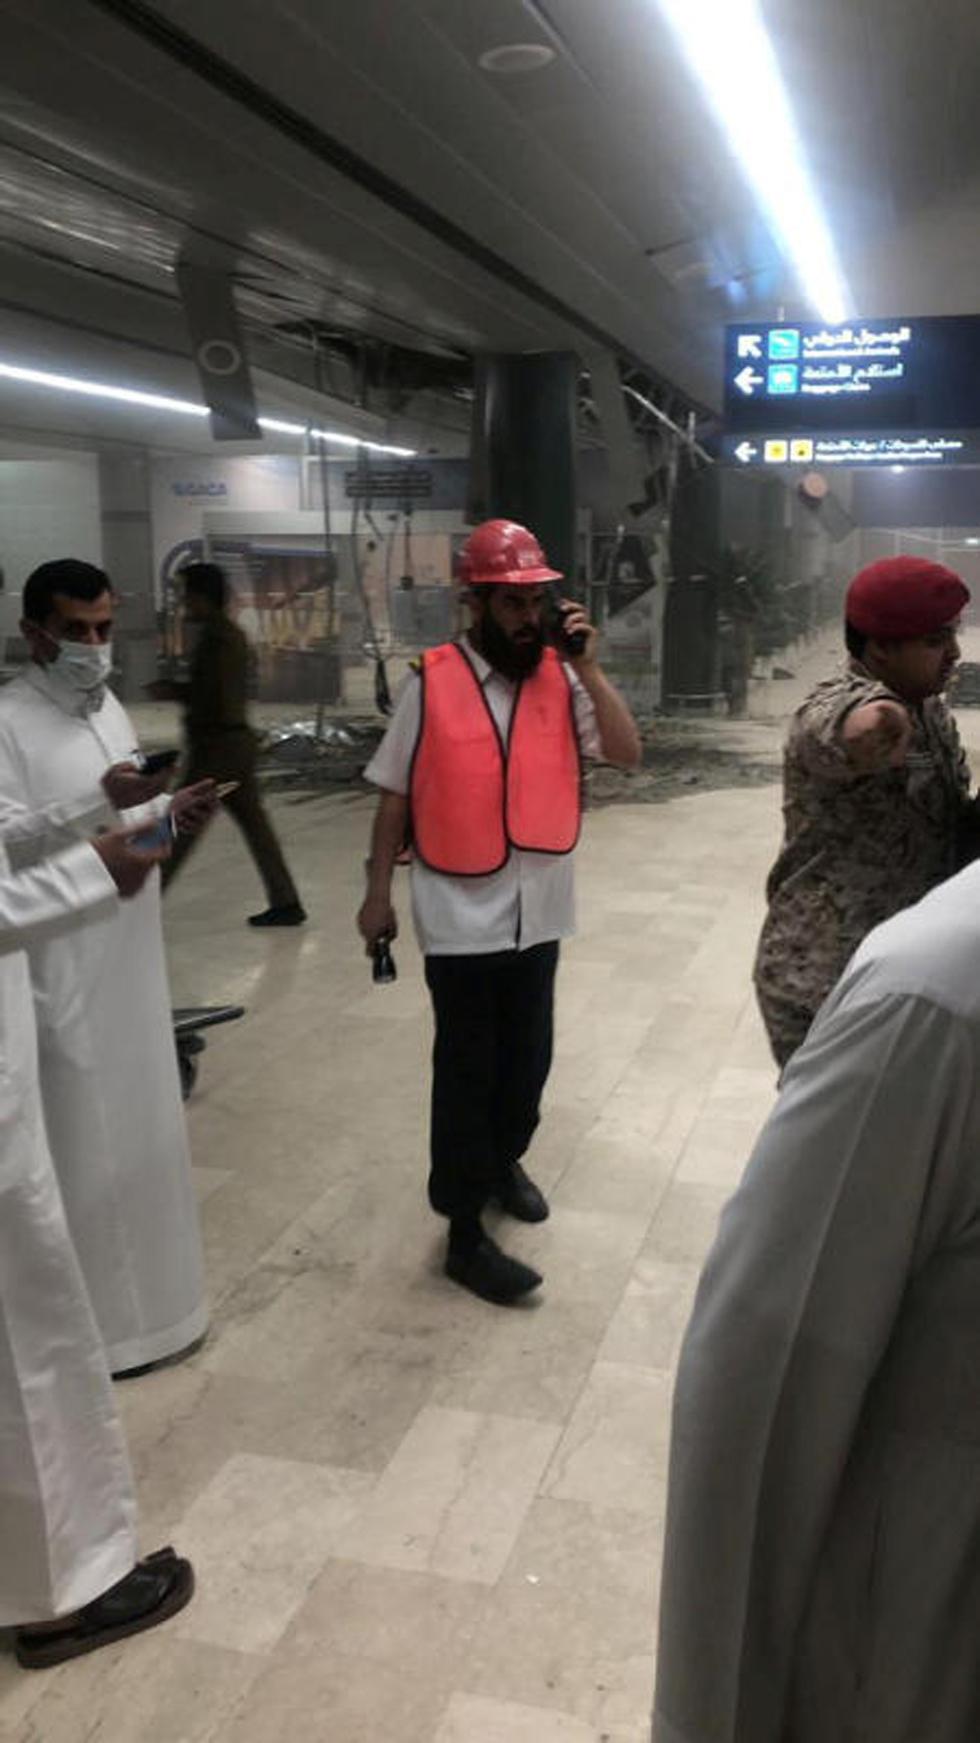 נמל התעופה אבהה בסעודיה שנפגע מטיל שיוט ששיגרו המורדים החות'ים בתימן (צילום: רויטרס)